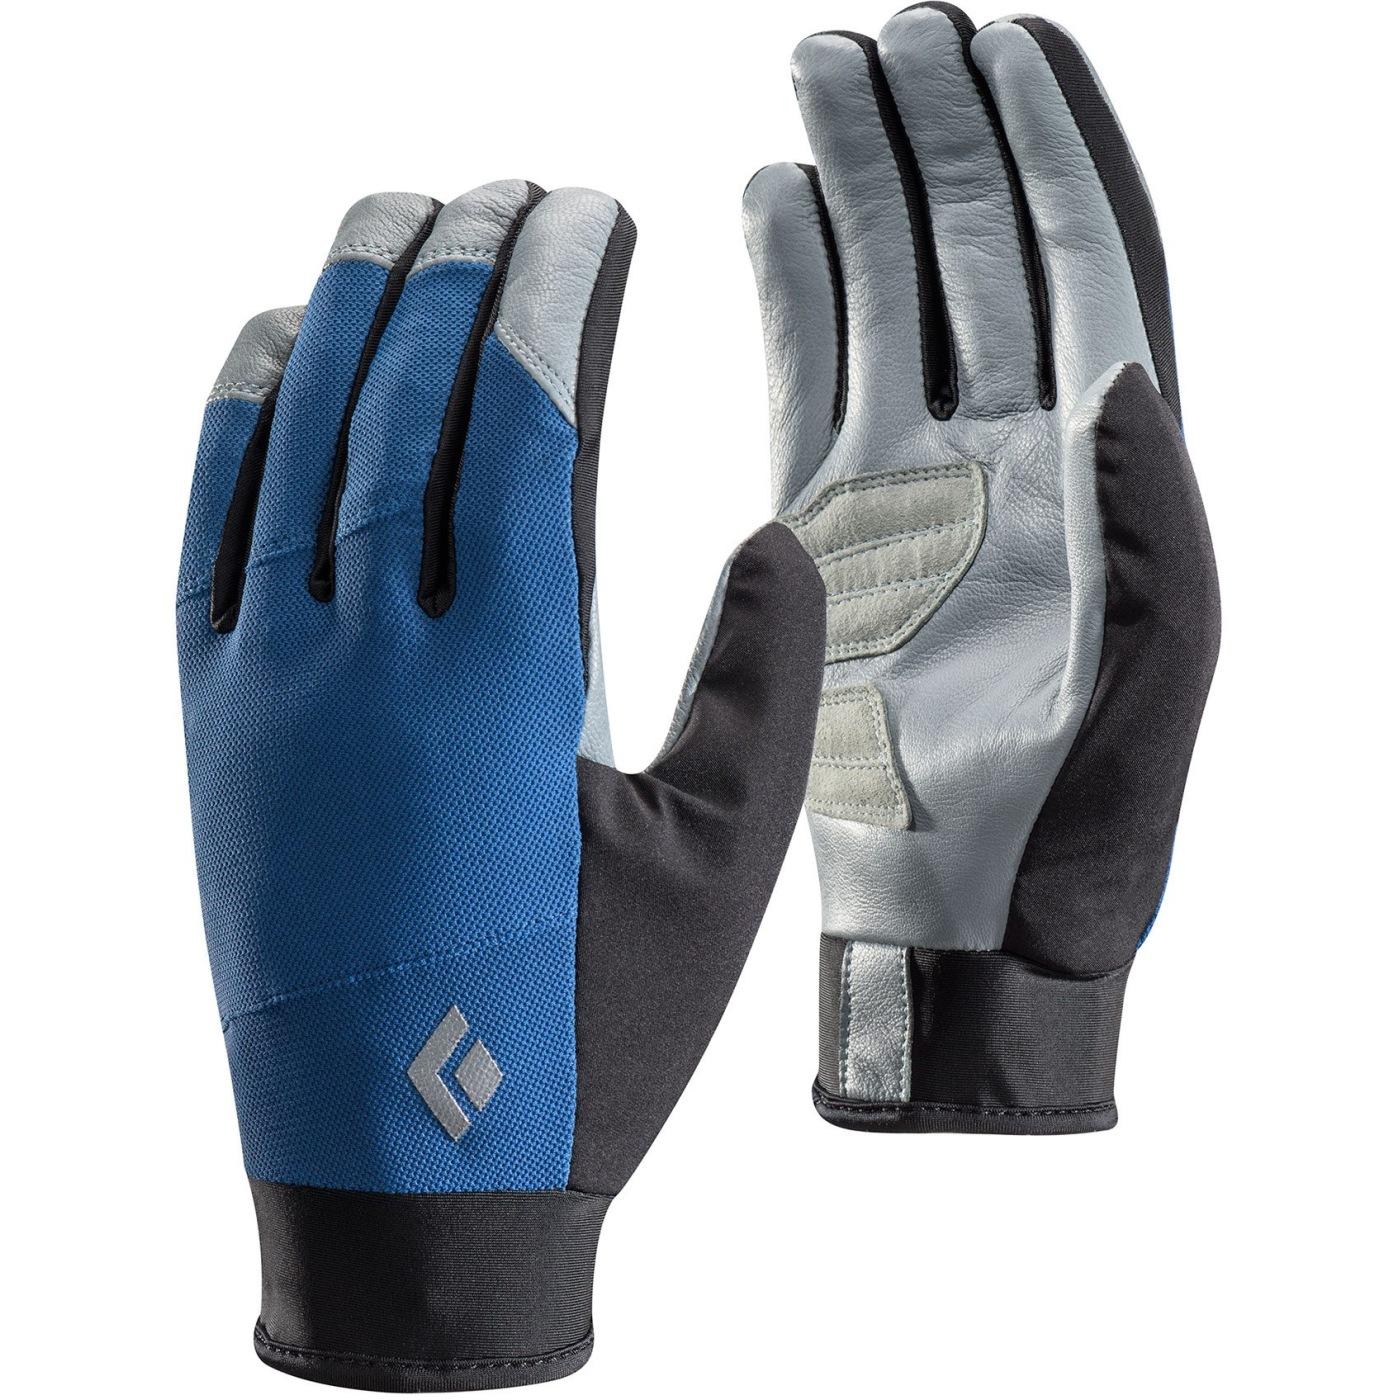 Picture of Black Diamond Trekker Gloves - Denim